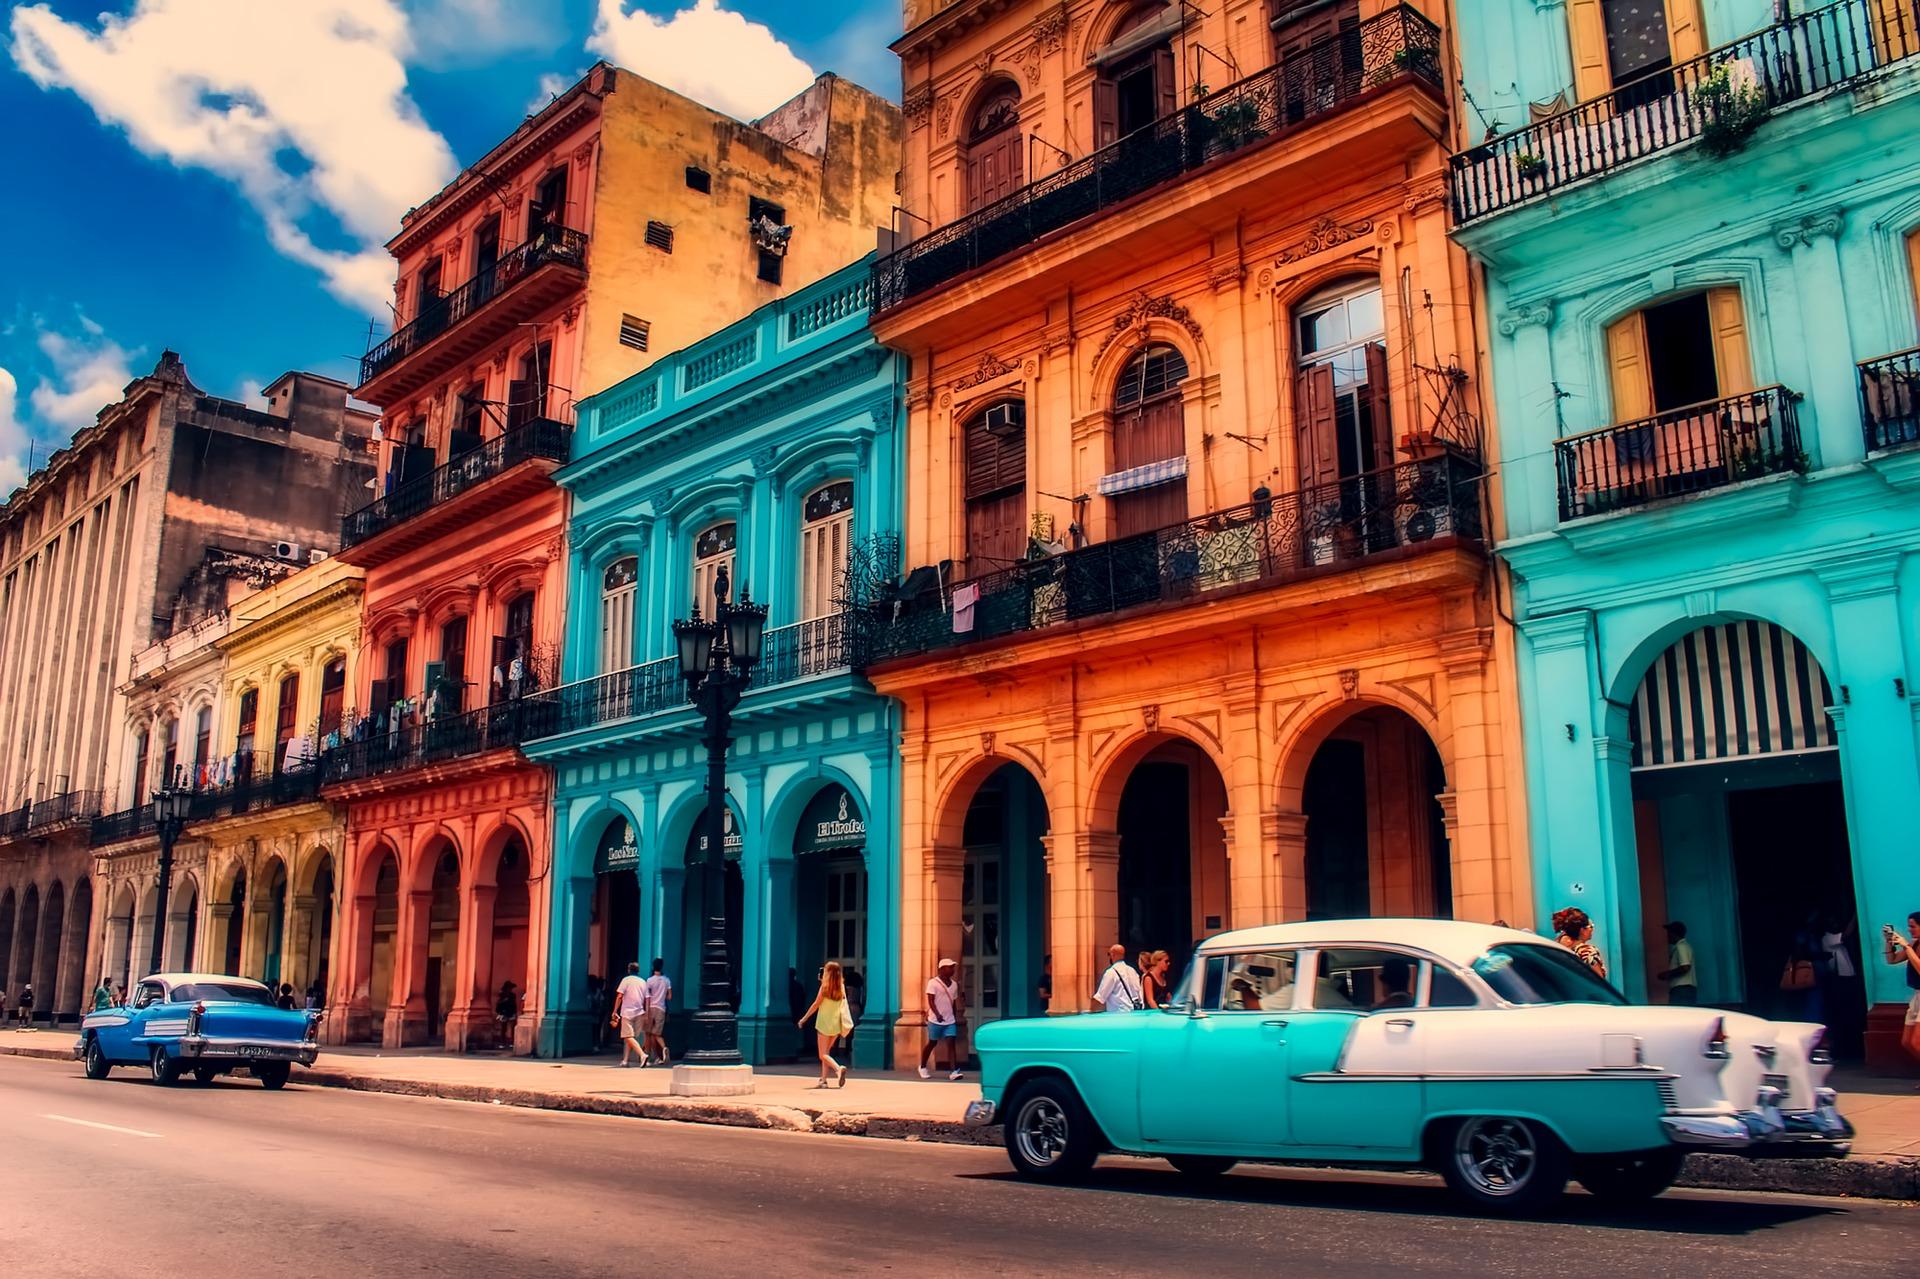 beste tid for reise til cuba